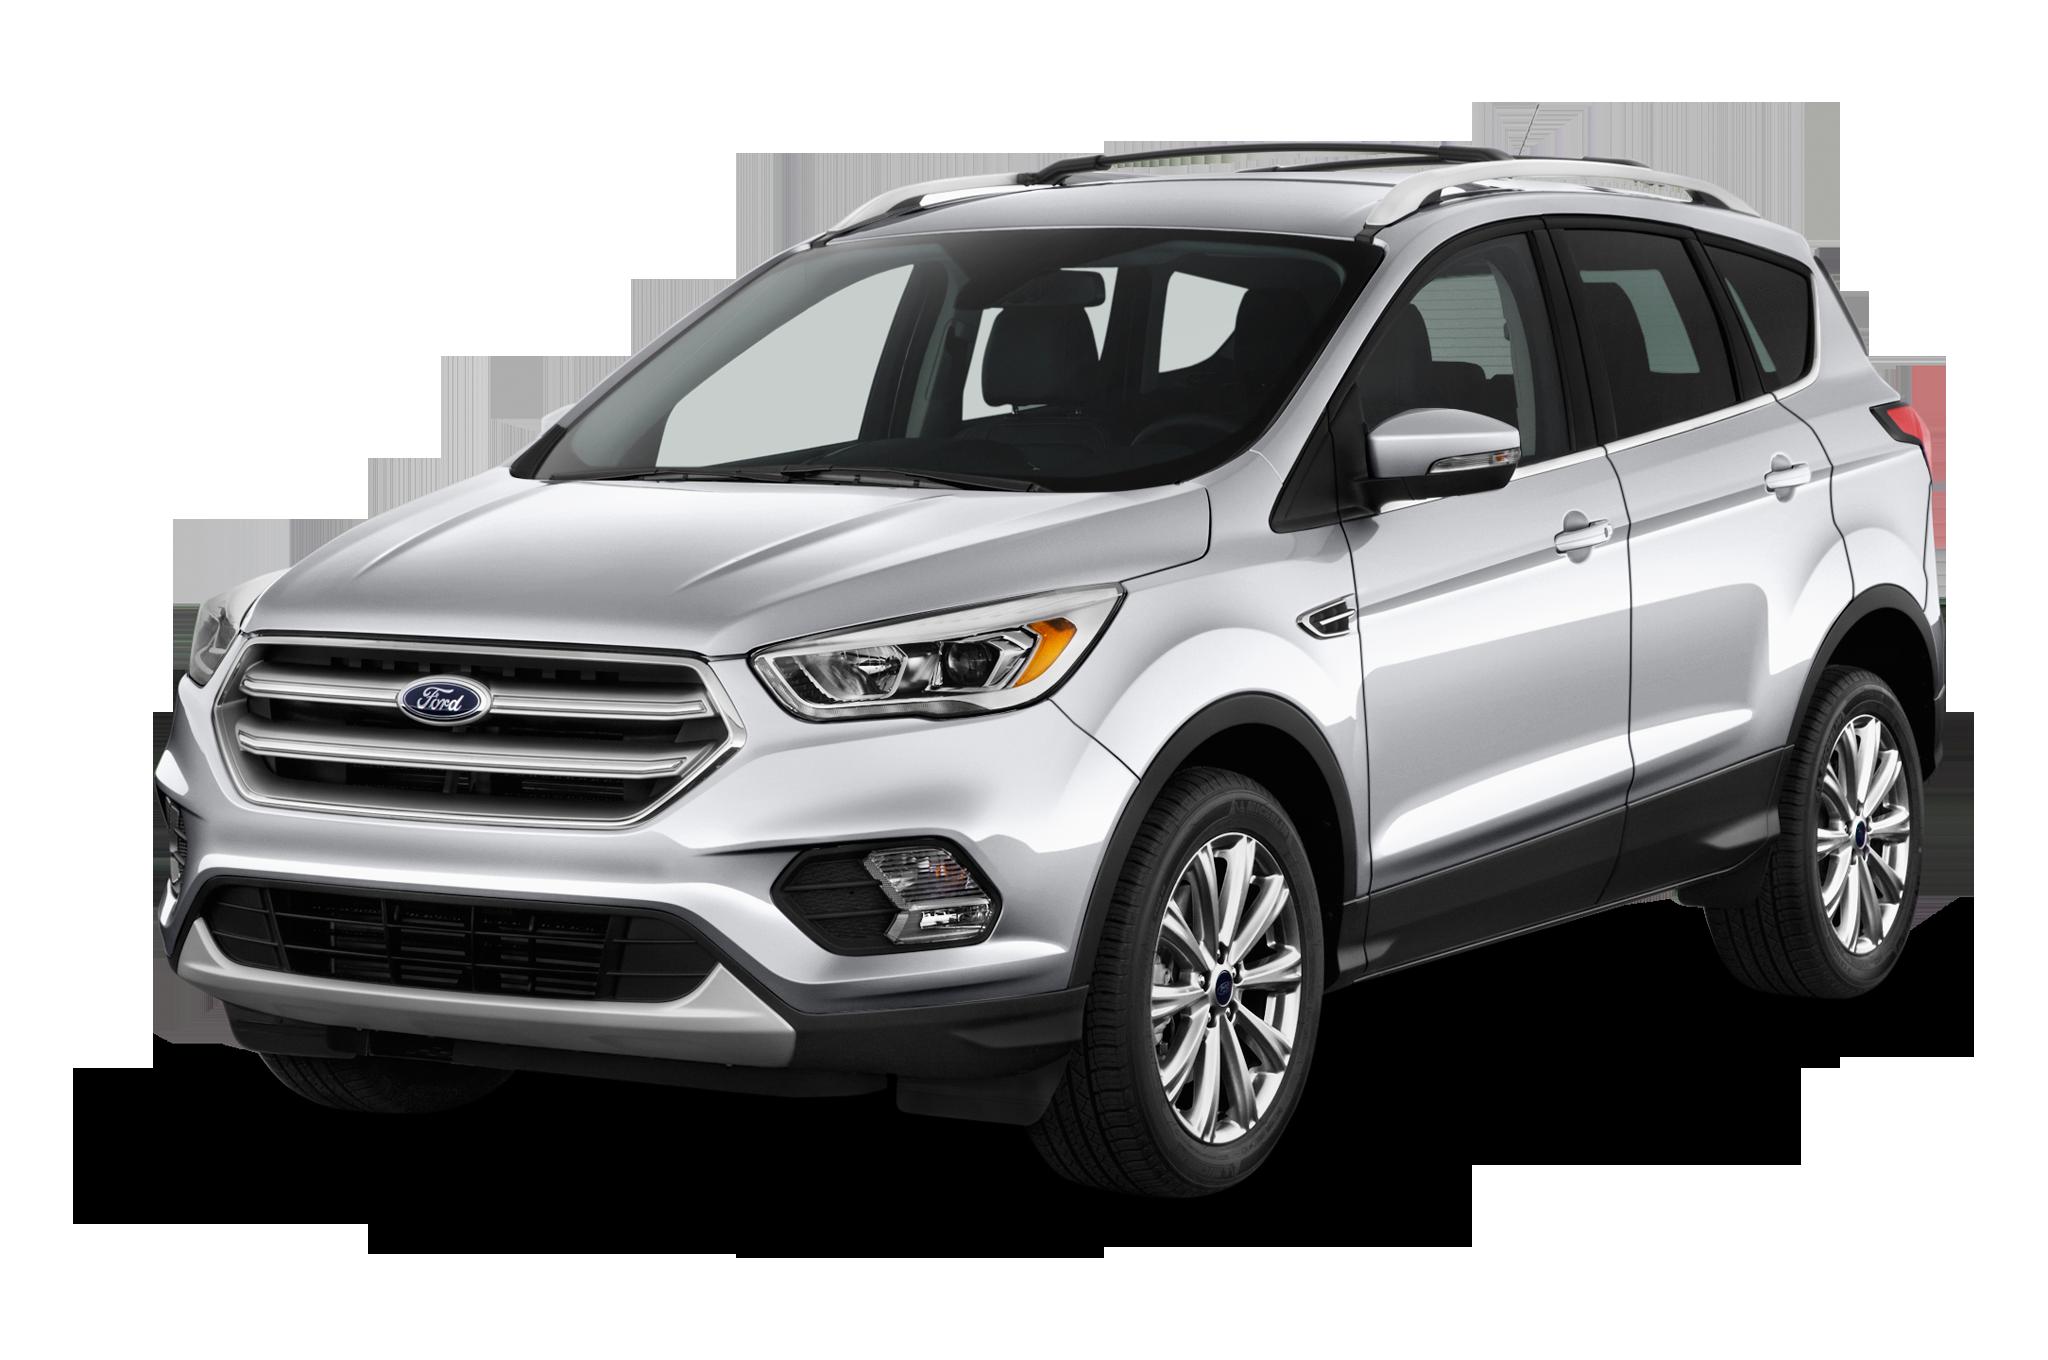 2017 ford escape  sc 1 st  MSN.com & 2017 Ford Escape Reviews - MSN Autos markmcfarlin.com